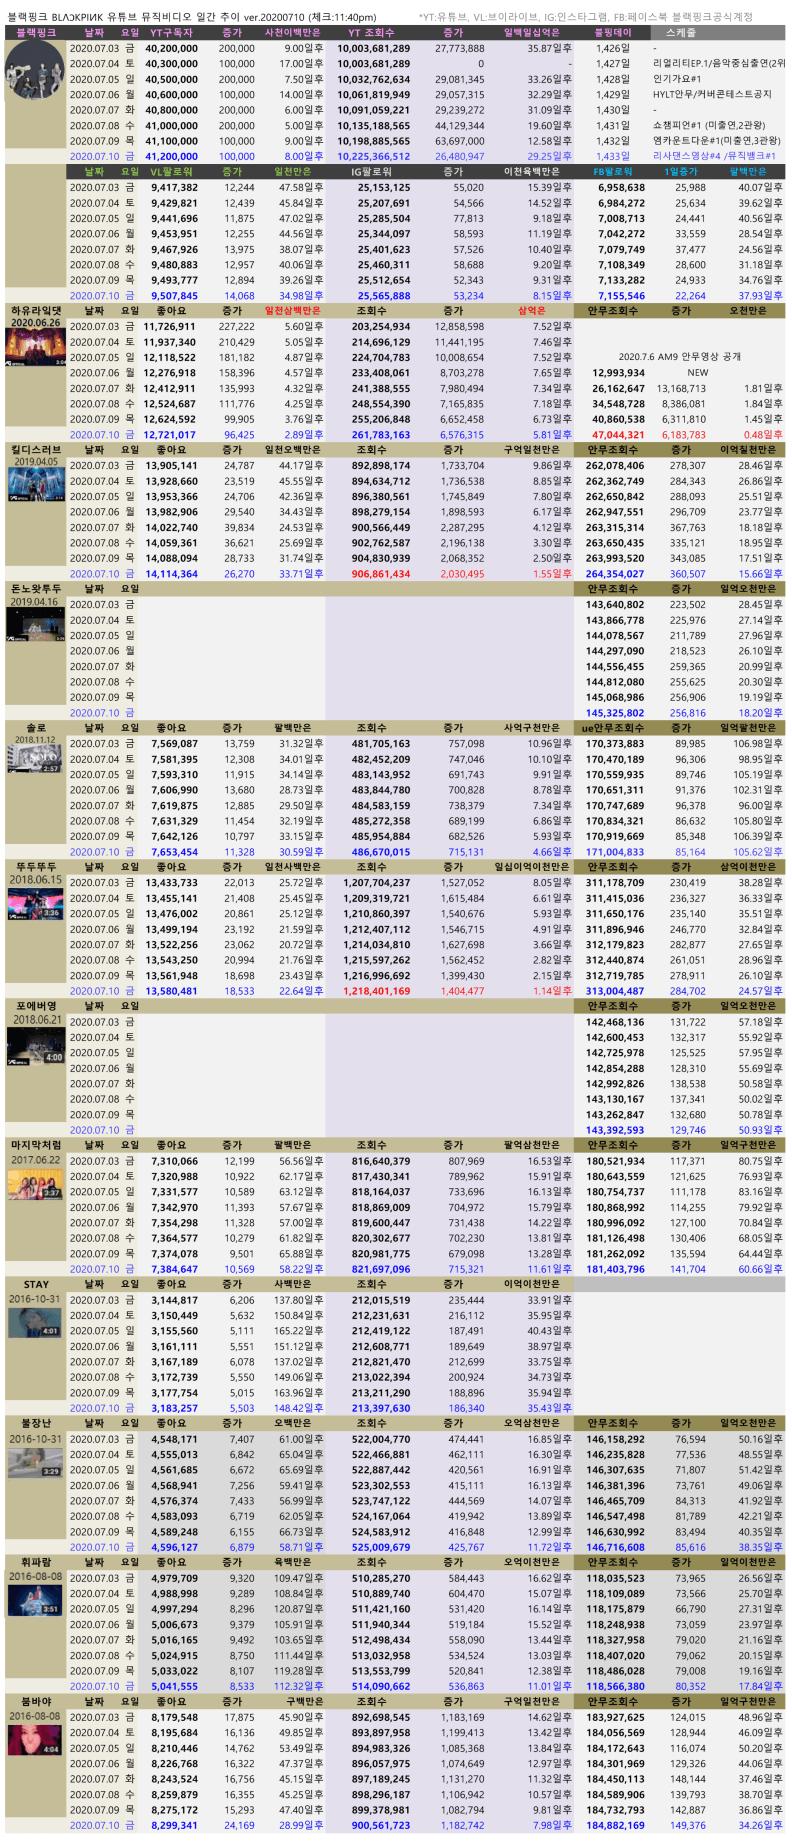 viewimage.php?id=2fb1d125eec231a865&no=24b0d769e1d32ca73fed8ffa11d028317805b44c4c832ef9bd9f21ca3c36a89c04c28d1d83589cacab97ebf3f11d11fe049e24f55d9ea08c6cfa0e32cbcdcd714ad8b4008f